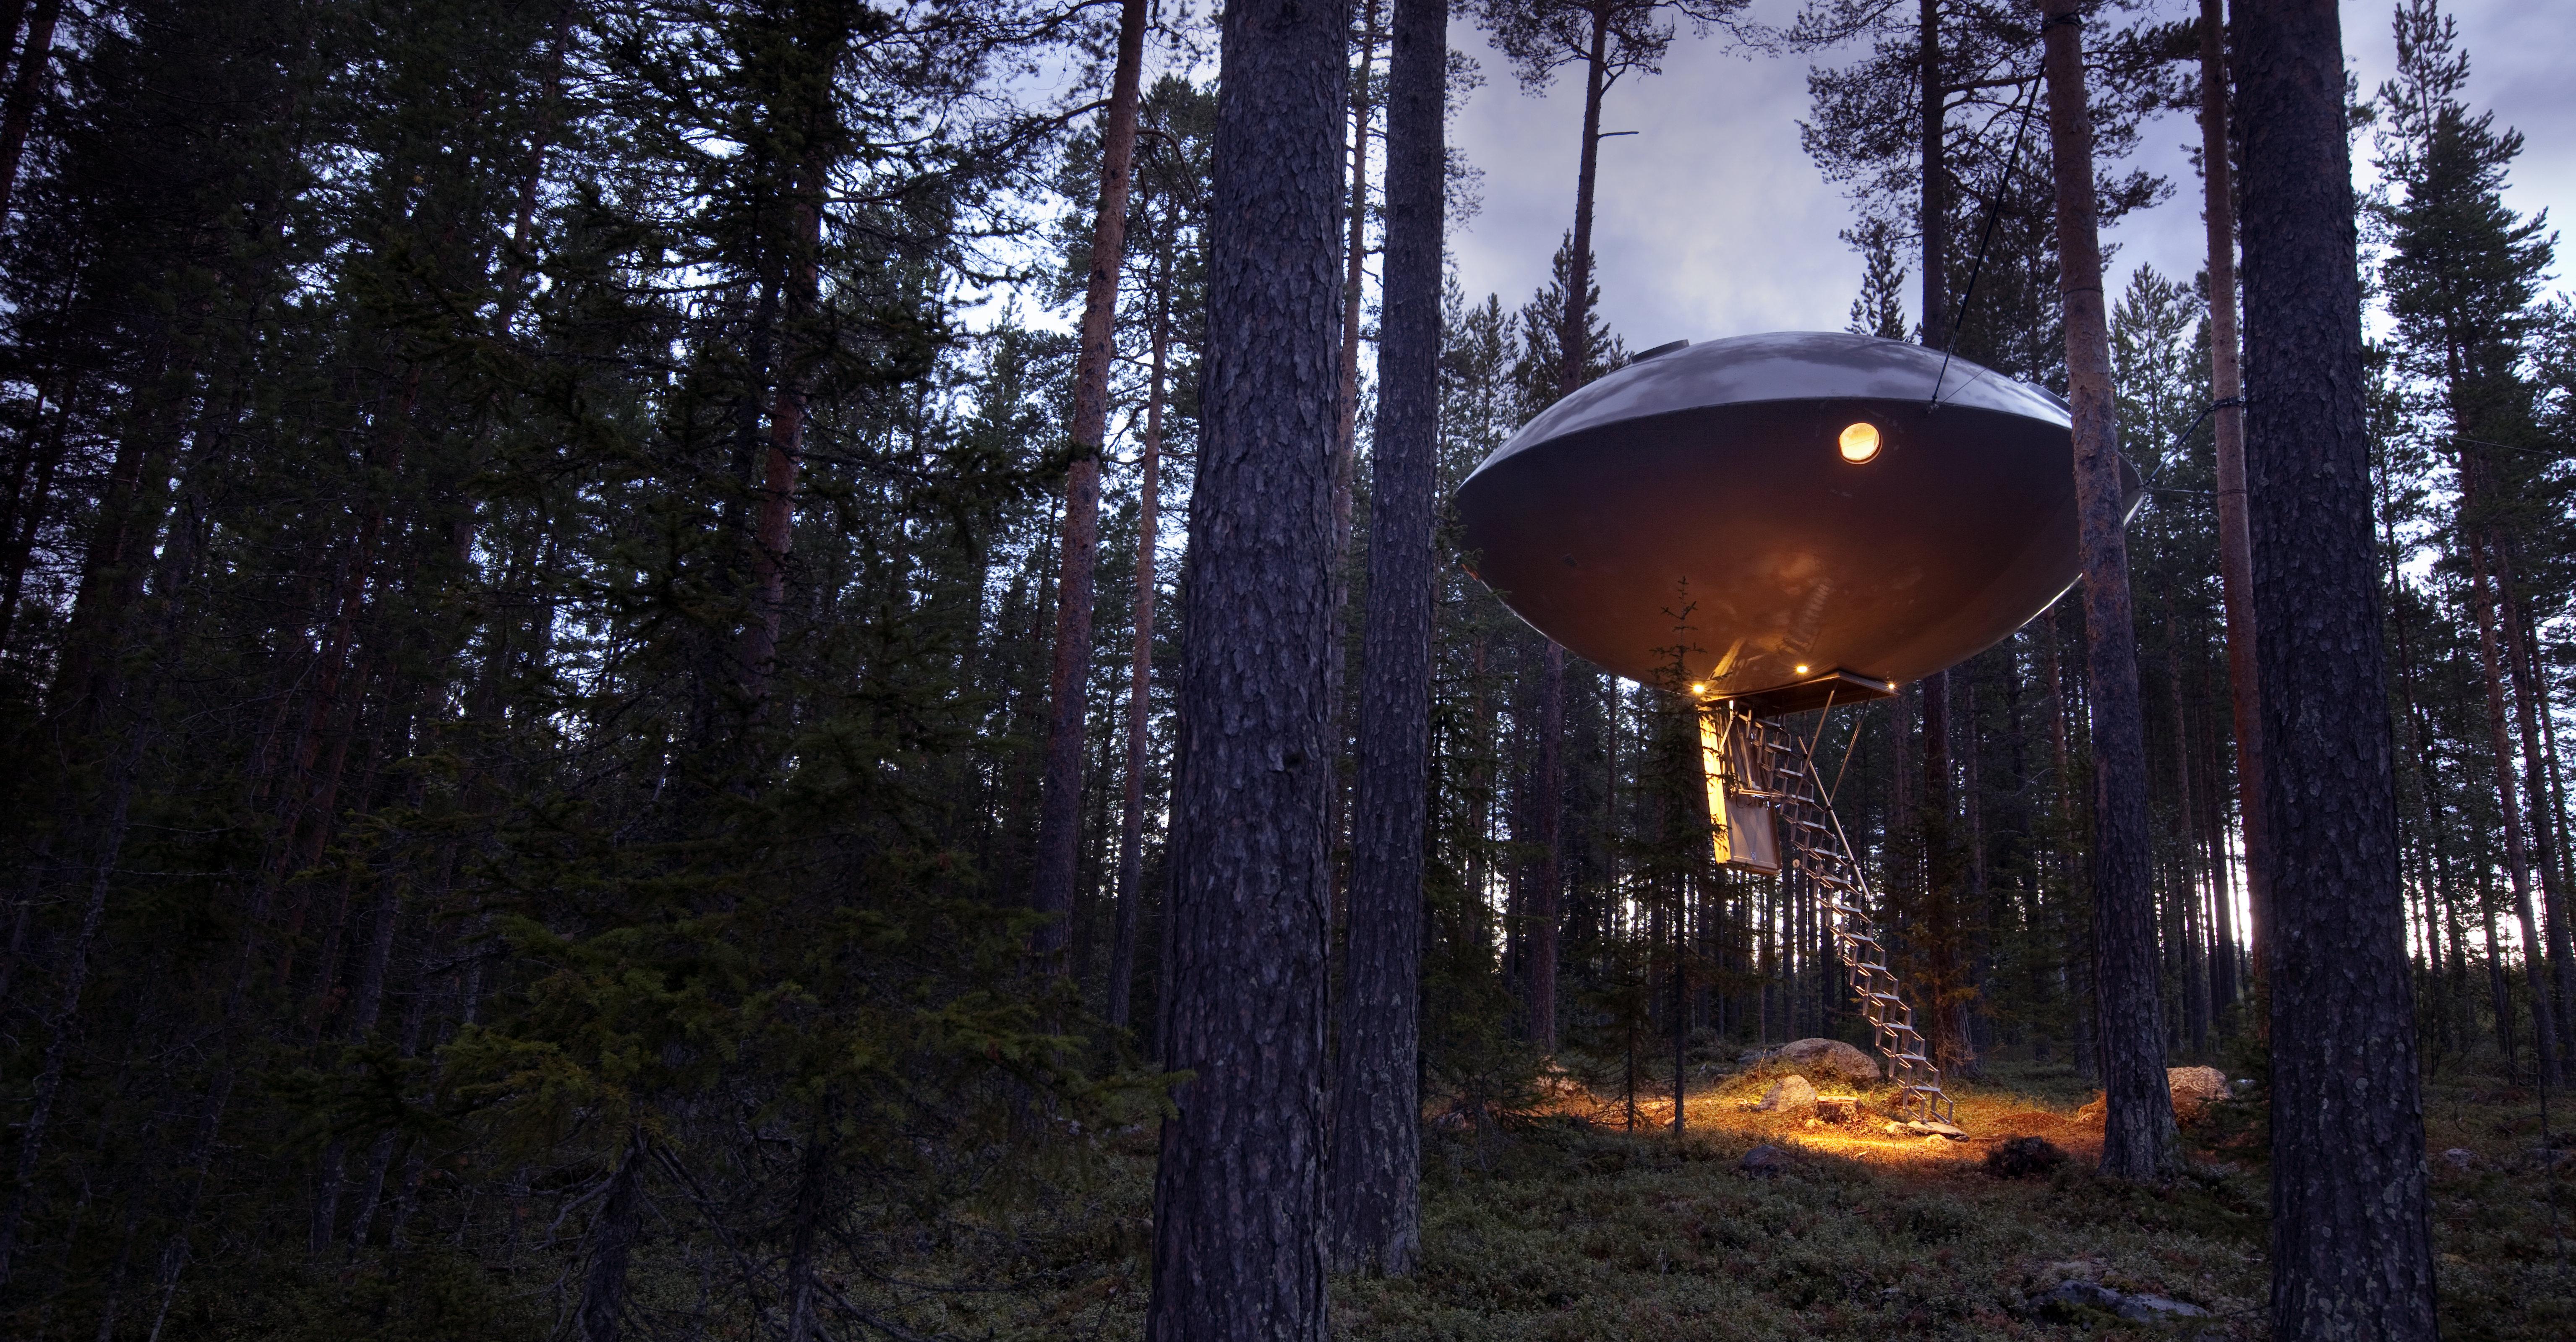 treehotel-ufo-sweden